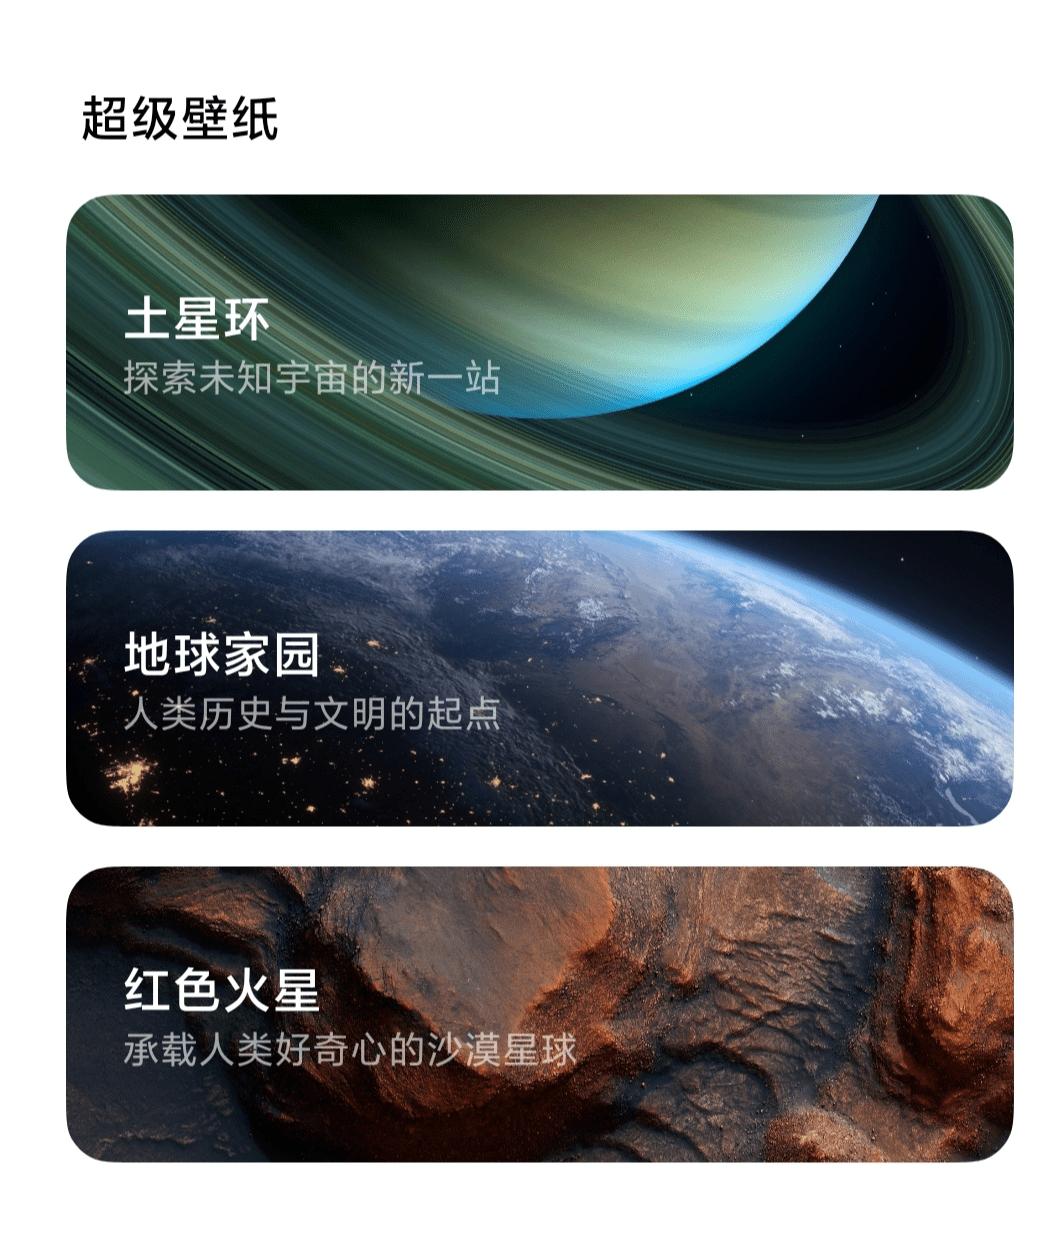 小米10至尊版加入土星环超级壁纸,移植包外泄,其他机型也能体验